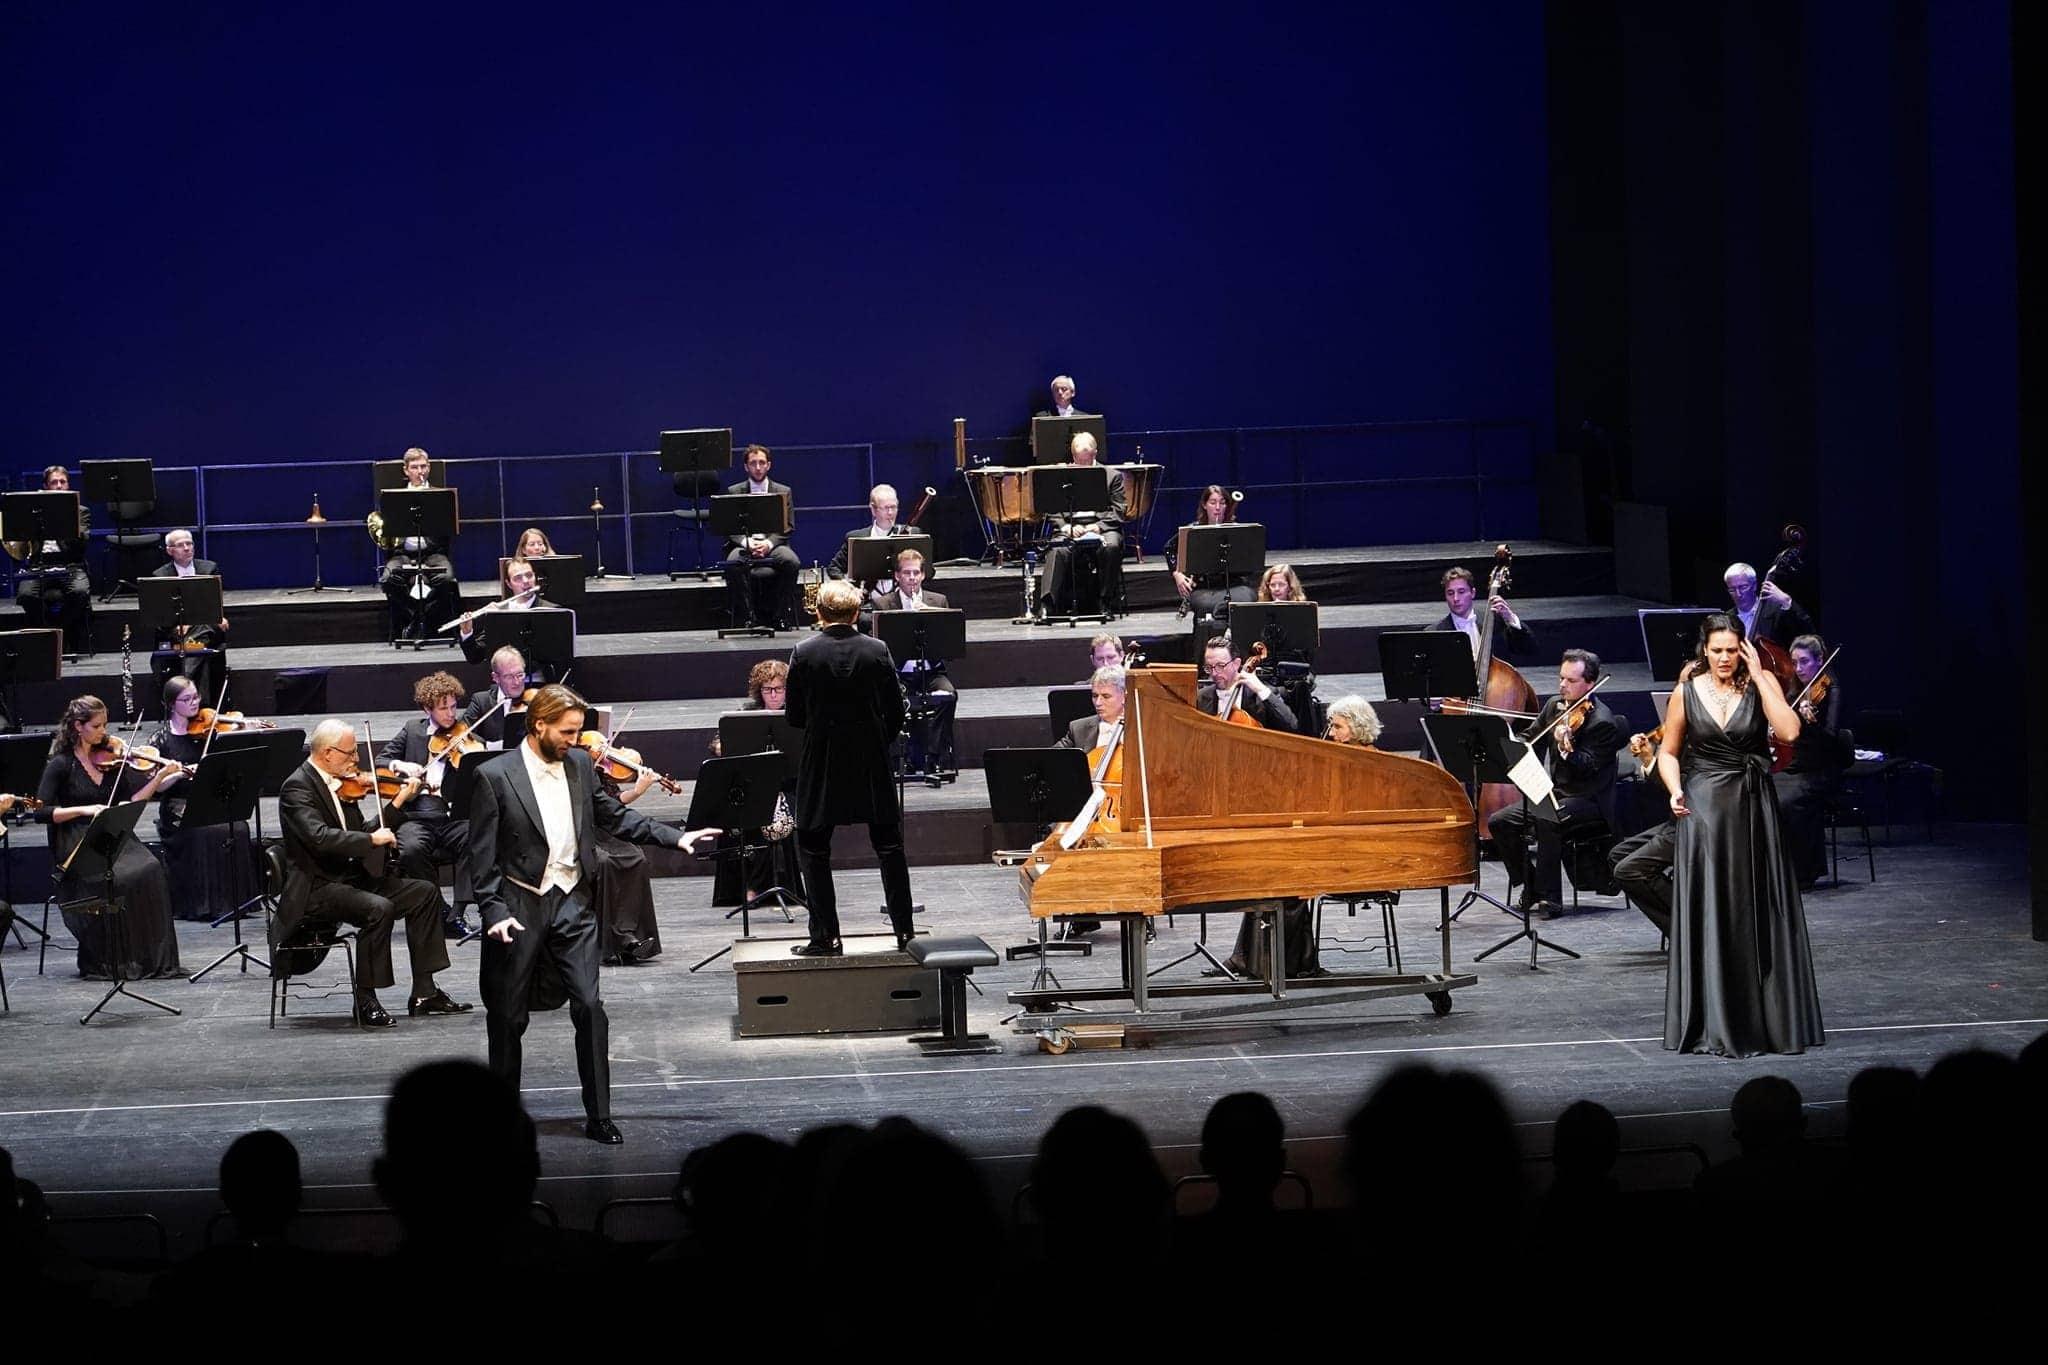 """Штутгартская опера. """"Дон Жуан"""" в концертном исполнении"""